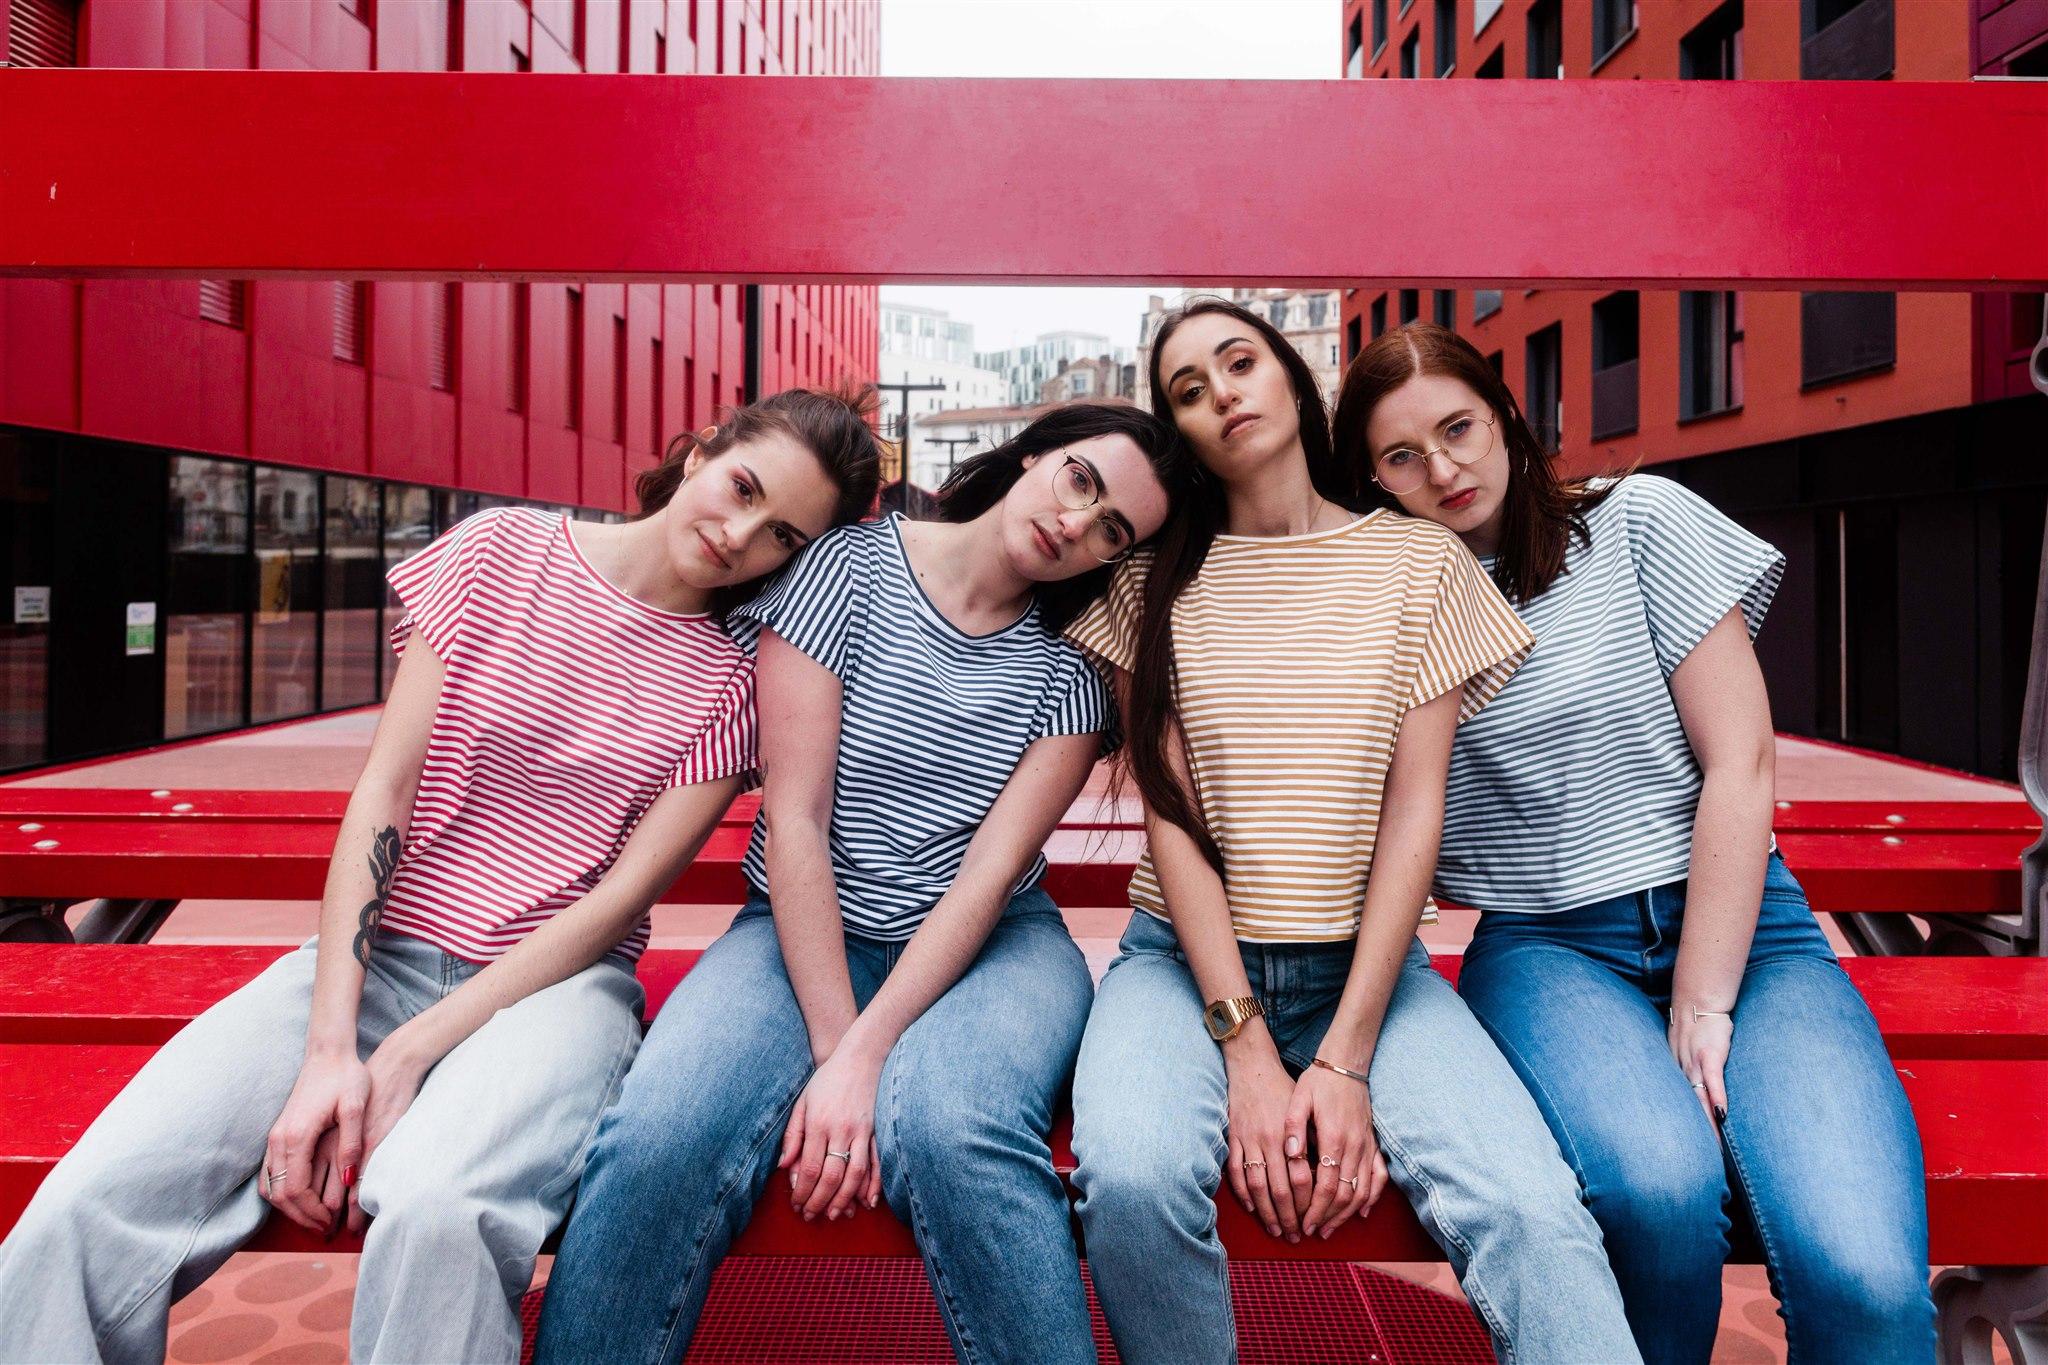 quatre filles assisent sur un banc la tête sur l'épaule de la voisine. Tshirt marinière et jean